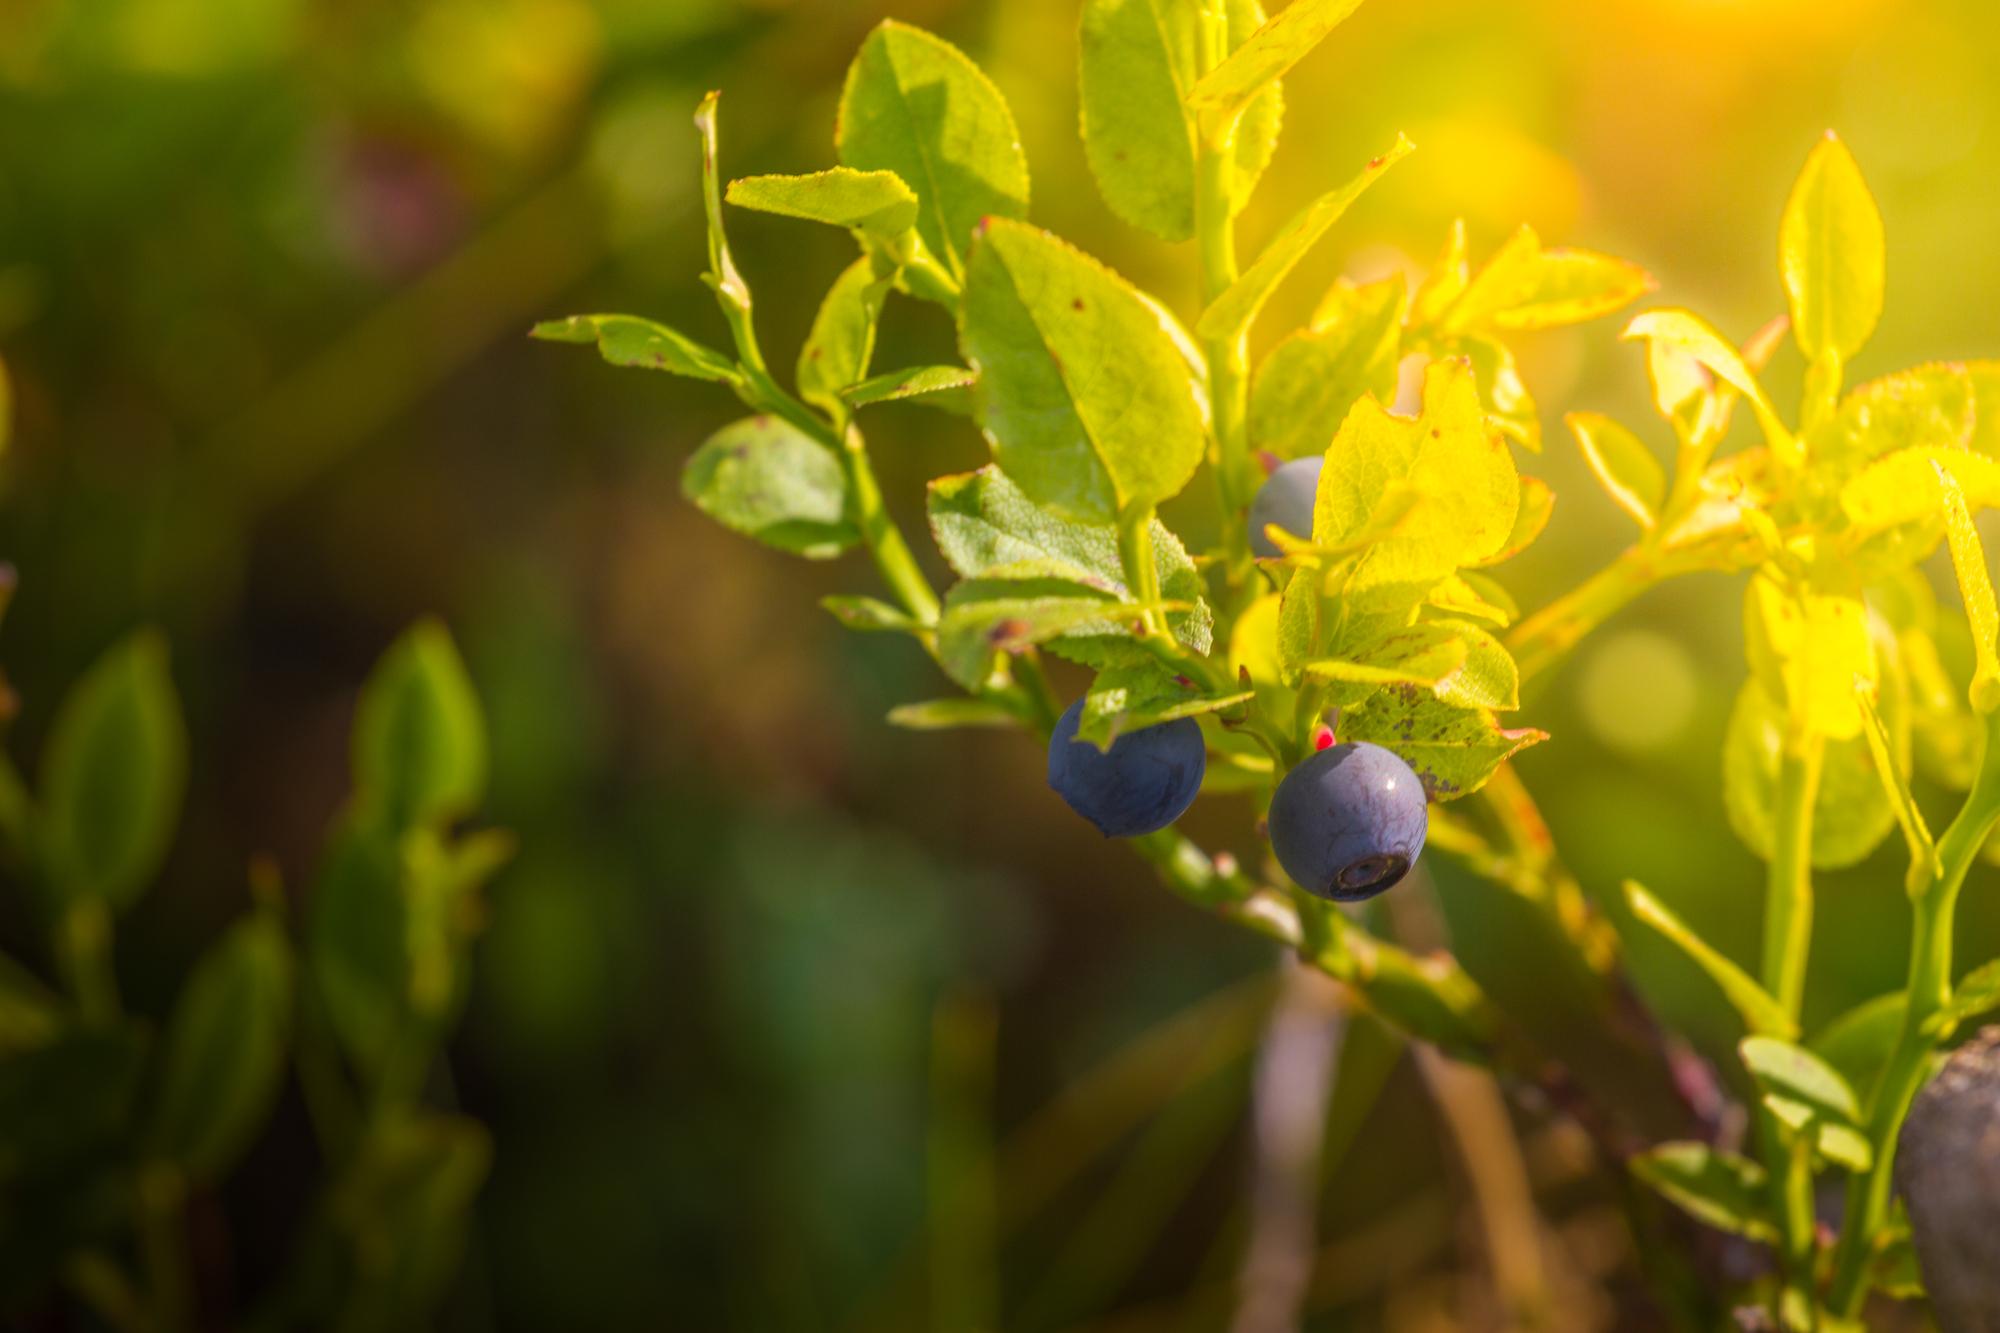 ripe blueberries on bush in summer